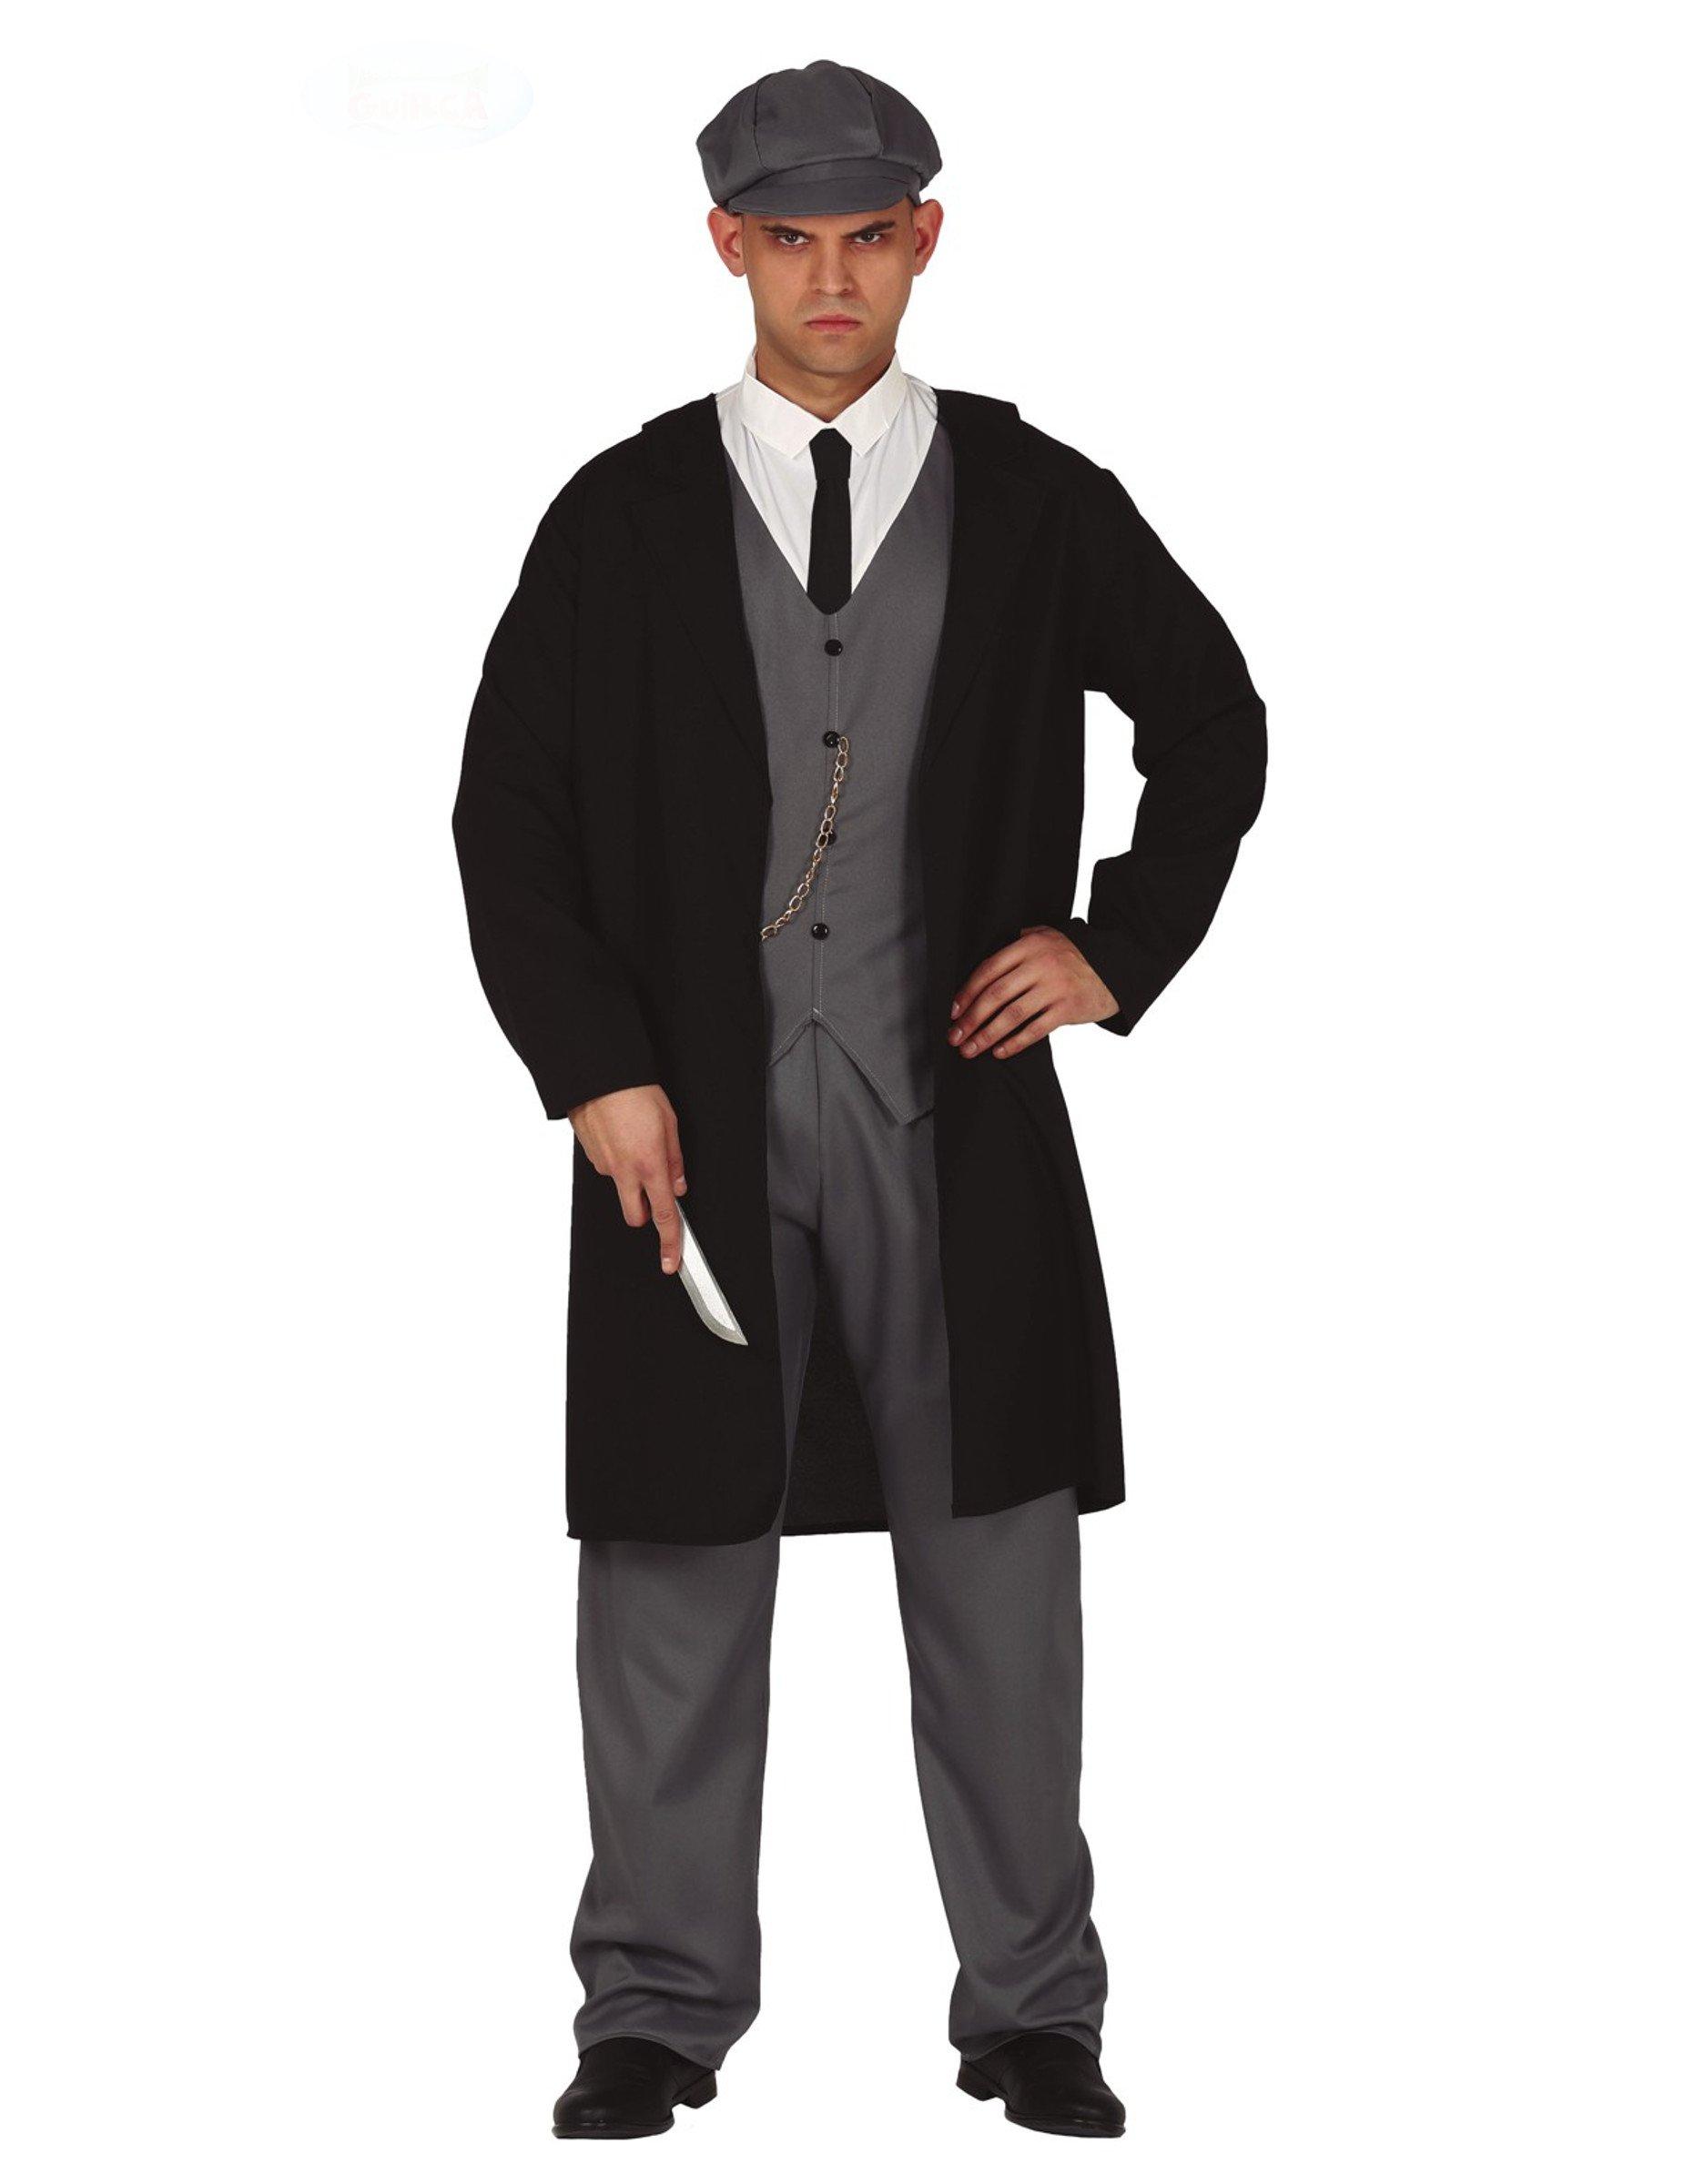 Gangster Kostüm 20er Jahre Kostüm für Herren schwarz grau